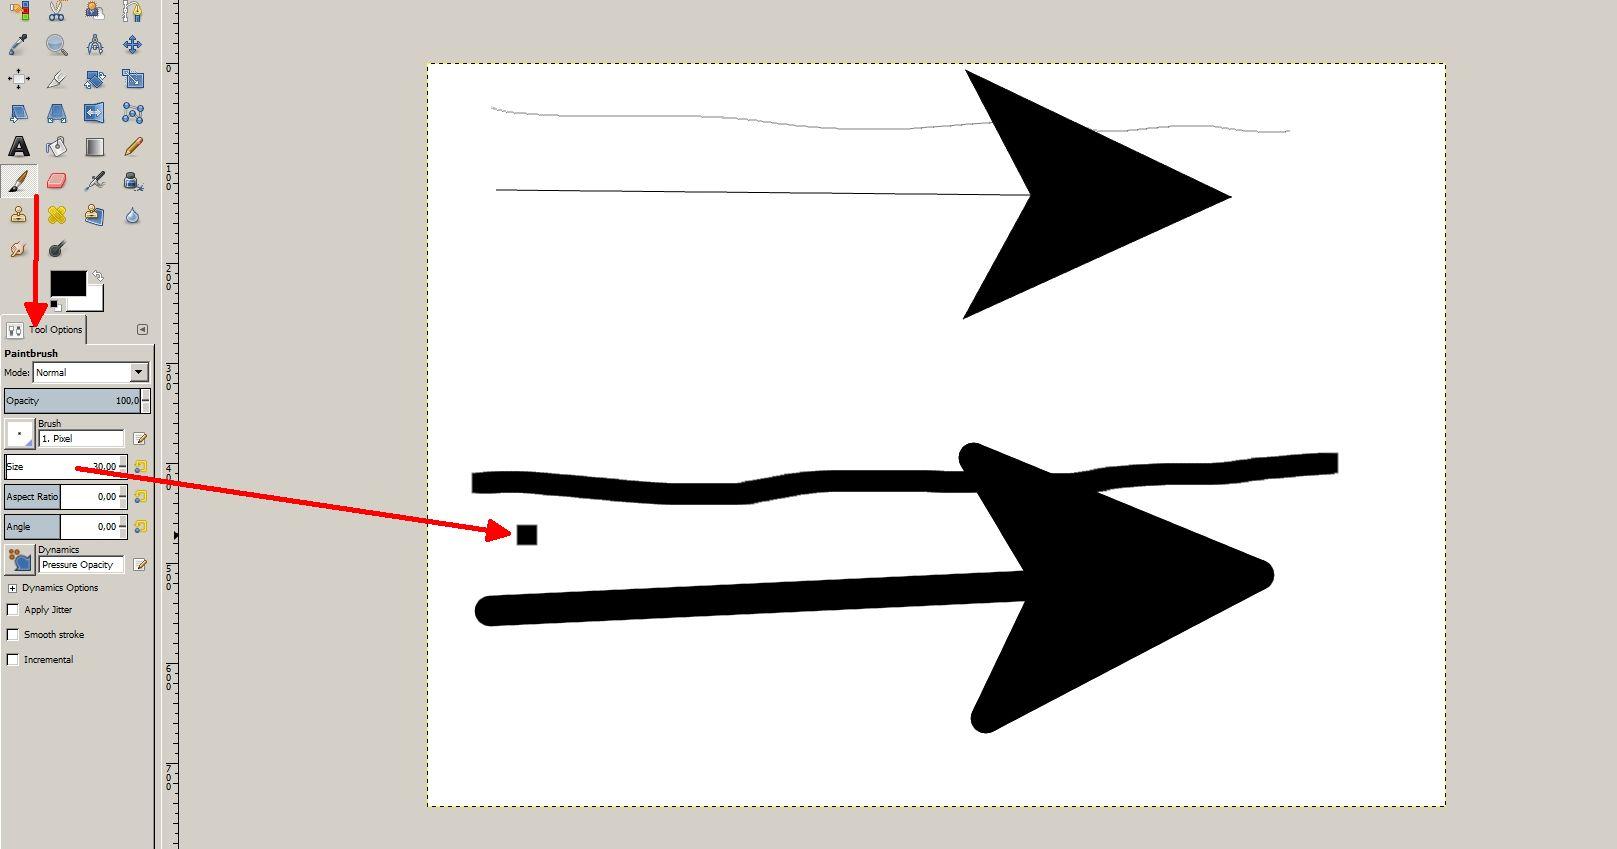 Das Pfeile-Tool übernimmt die normalen Pinseleinstellungen.